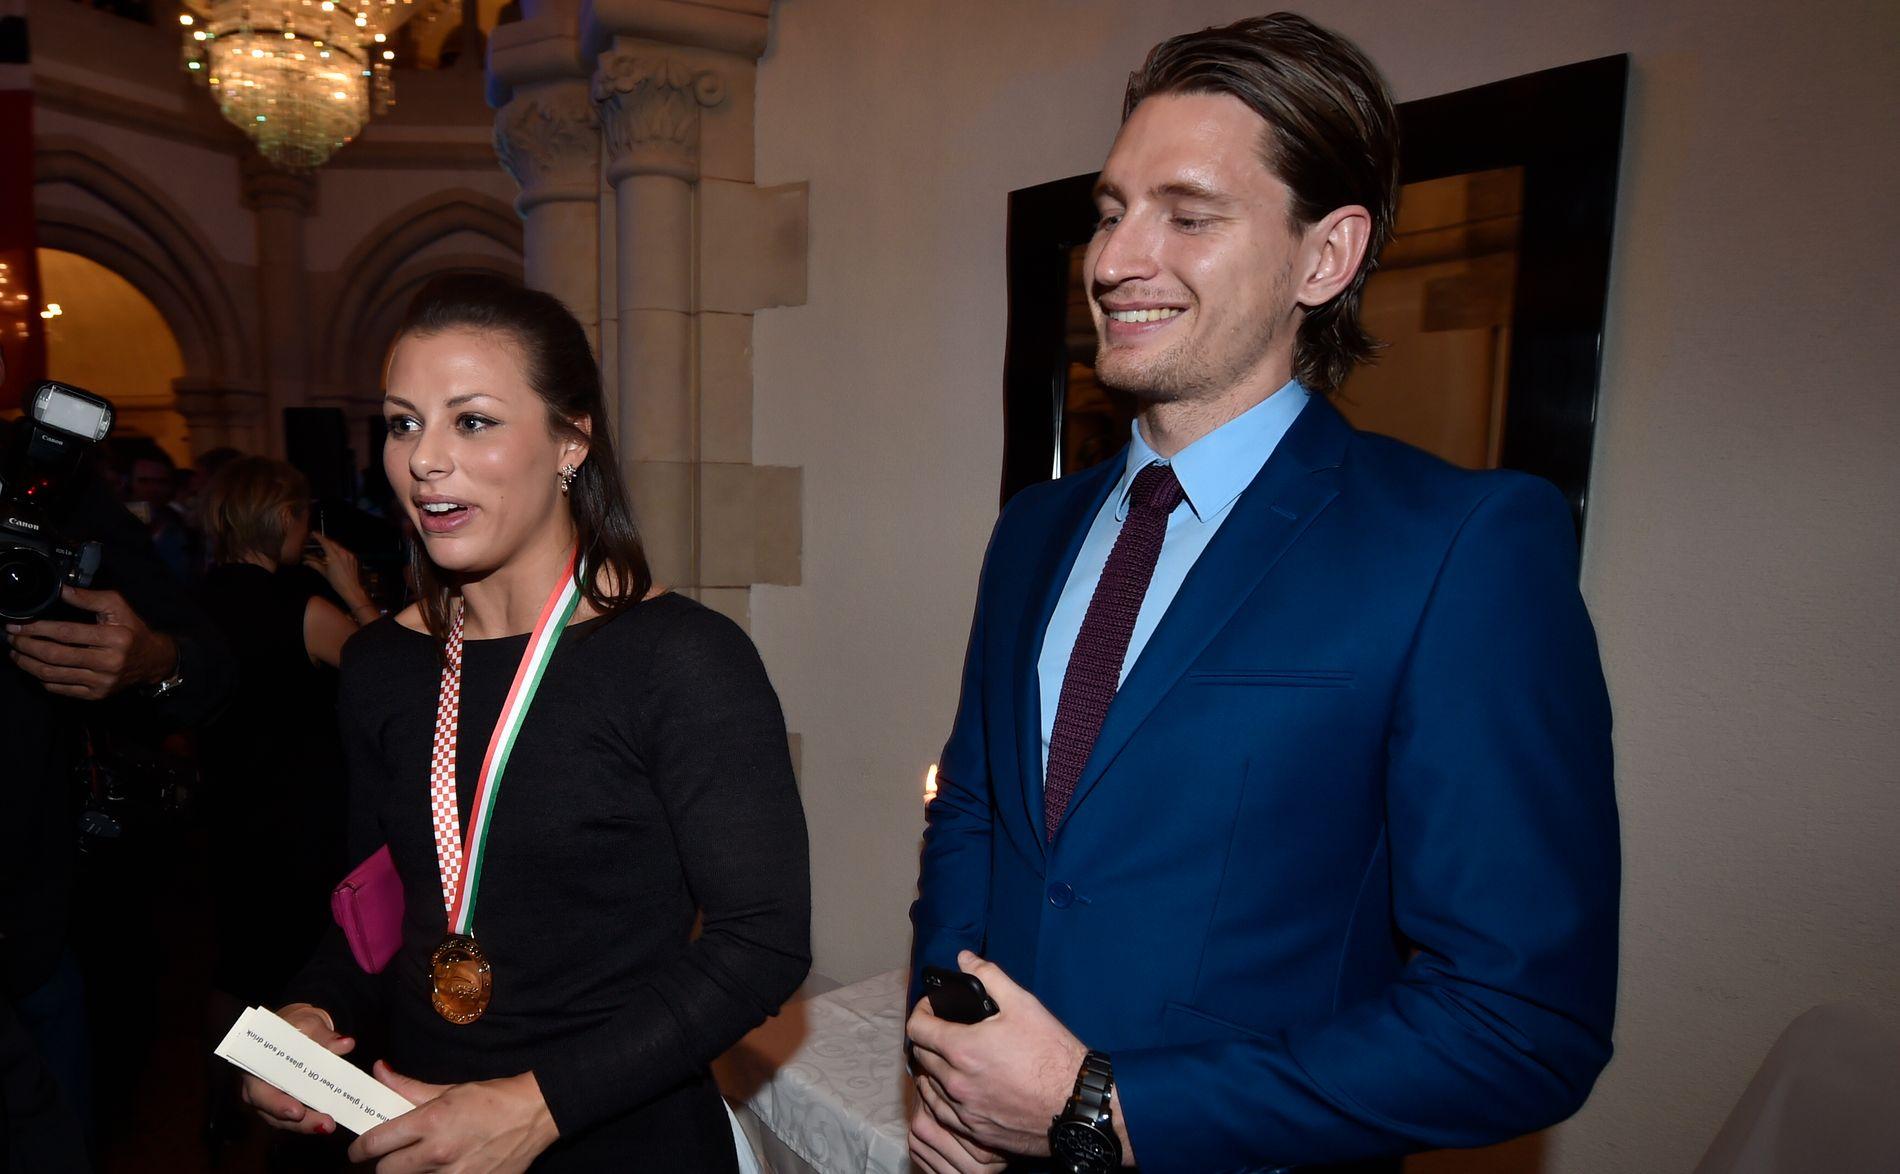 SLUTT: Nora Mørk med ekskjæresten Stefan Strandberg.